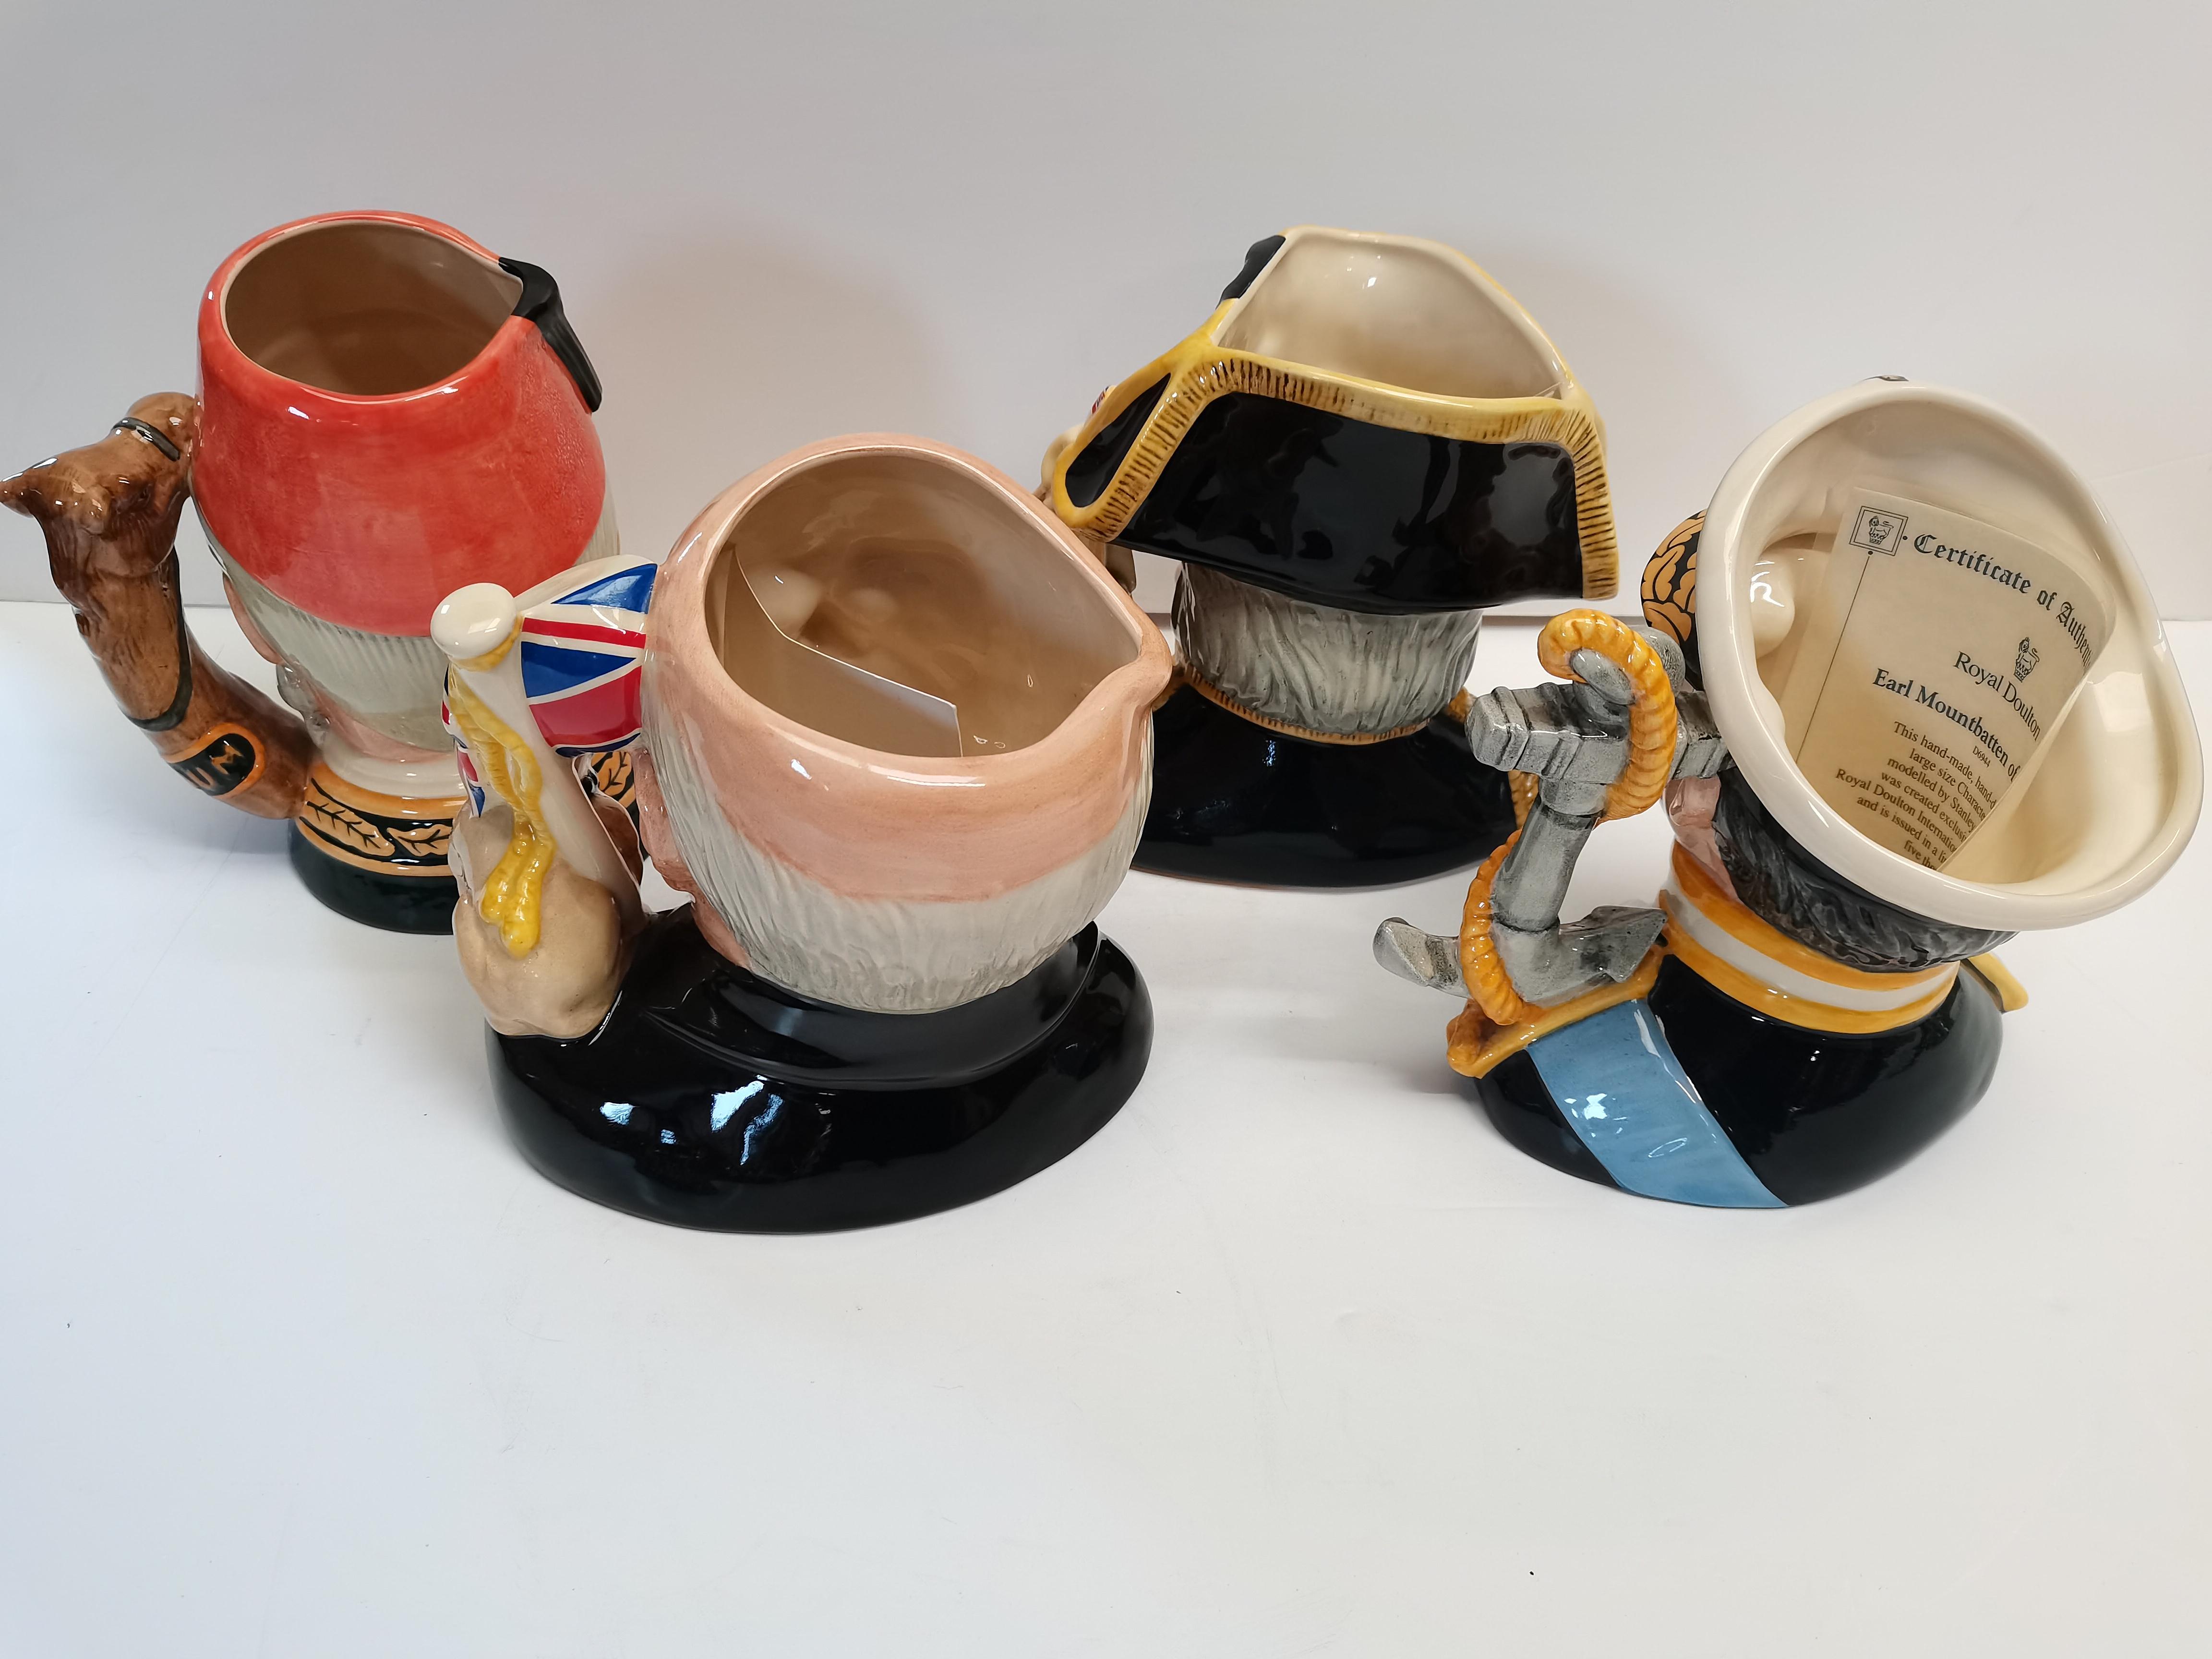 4 Royal Doulton Toby Jugs D6932 Lord Nelson, D6869 General Gordon, D6944 Earl Mountbatten of Burma - Image 2 of 6